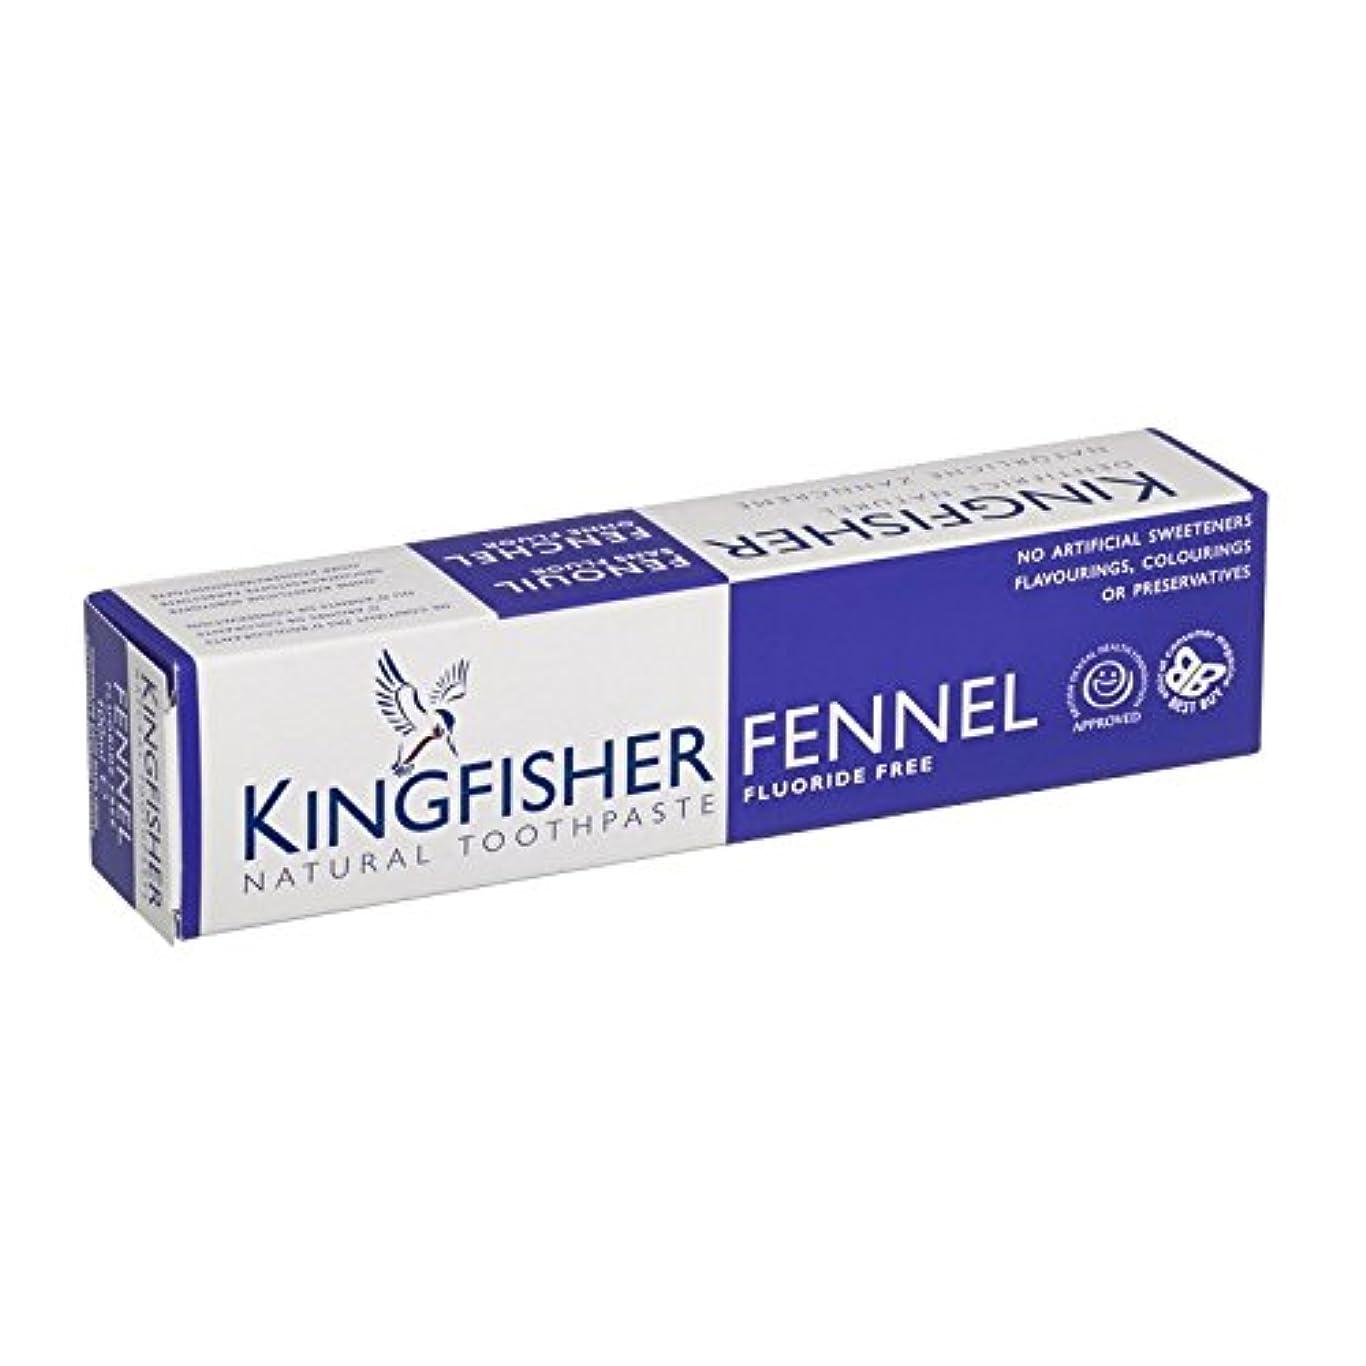 蛾目に見える同化カワセミフッ化物無料ウイキョウ歯磨き粉 - Kingfisher Fluoride Free Fennel Toothpaste (Kingfisher) [並行輸入品]